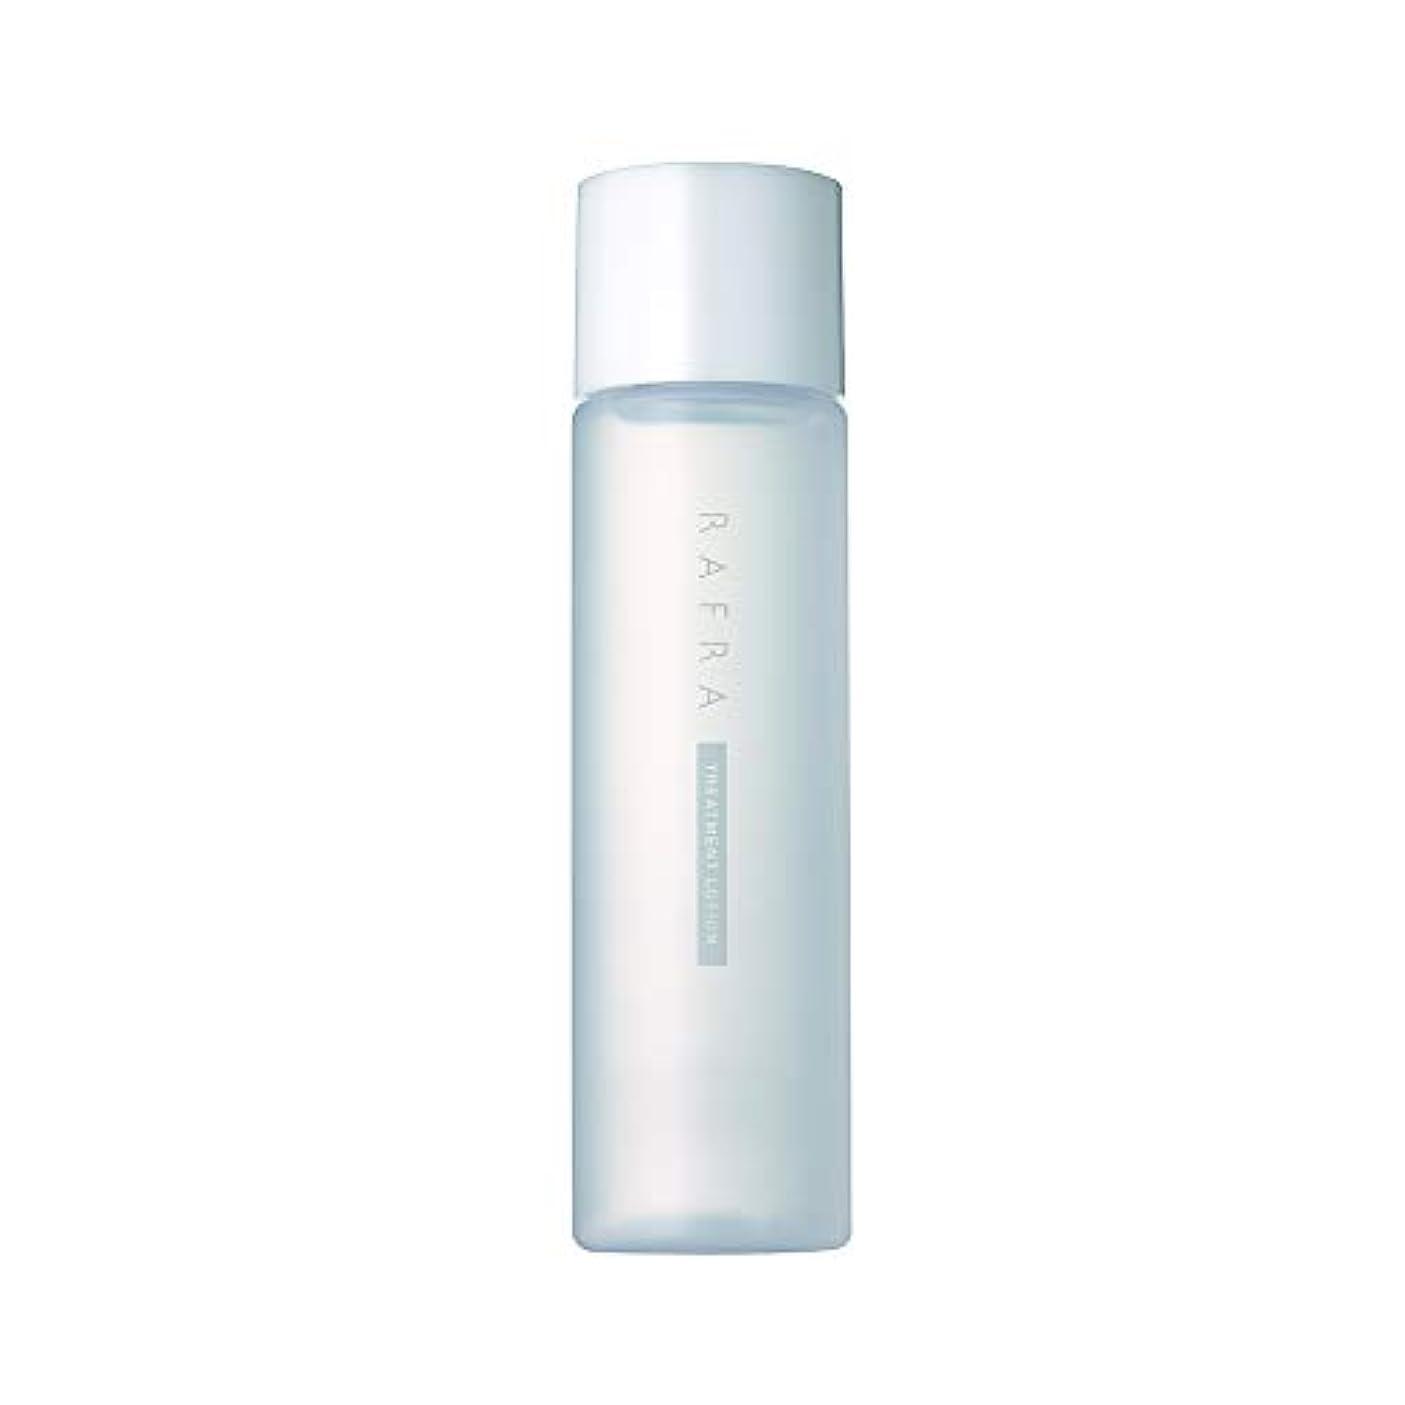 環境に優しい失望させるエンディングラフラ トリートメントローション 150ml 化粧水 ブースター 導入液